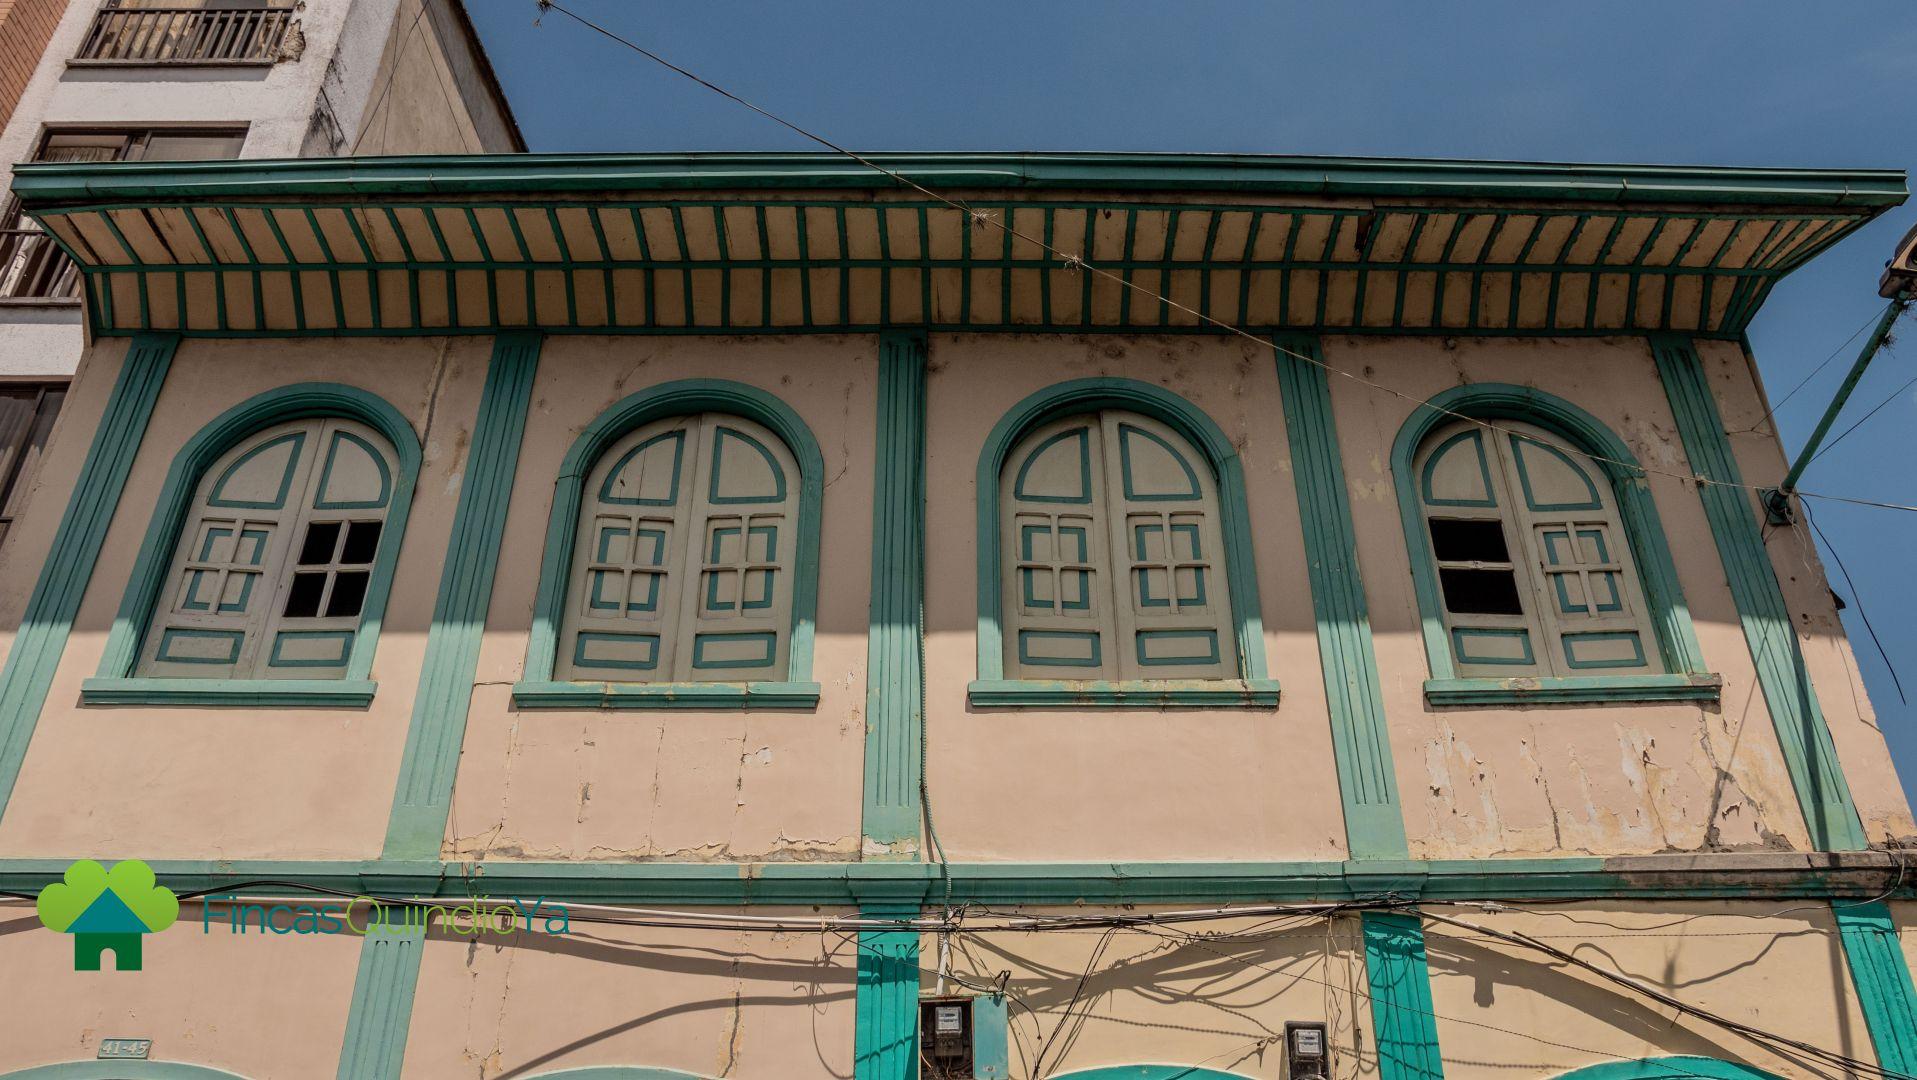 Ventanas de un segundo piso de una casa esquinera colonial